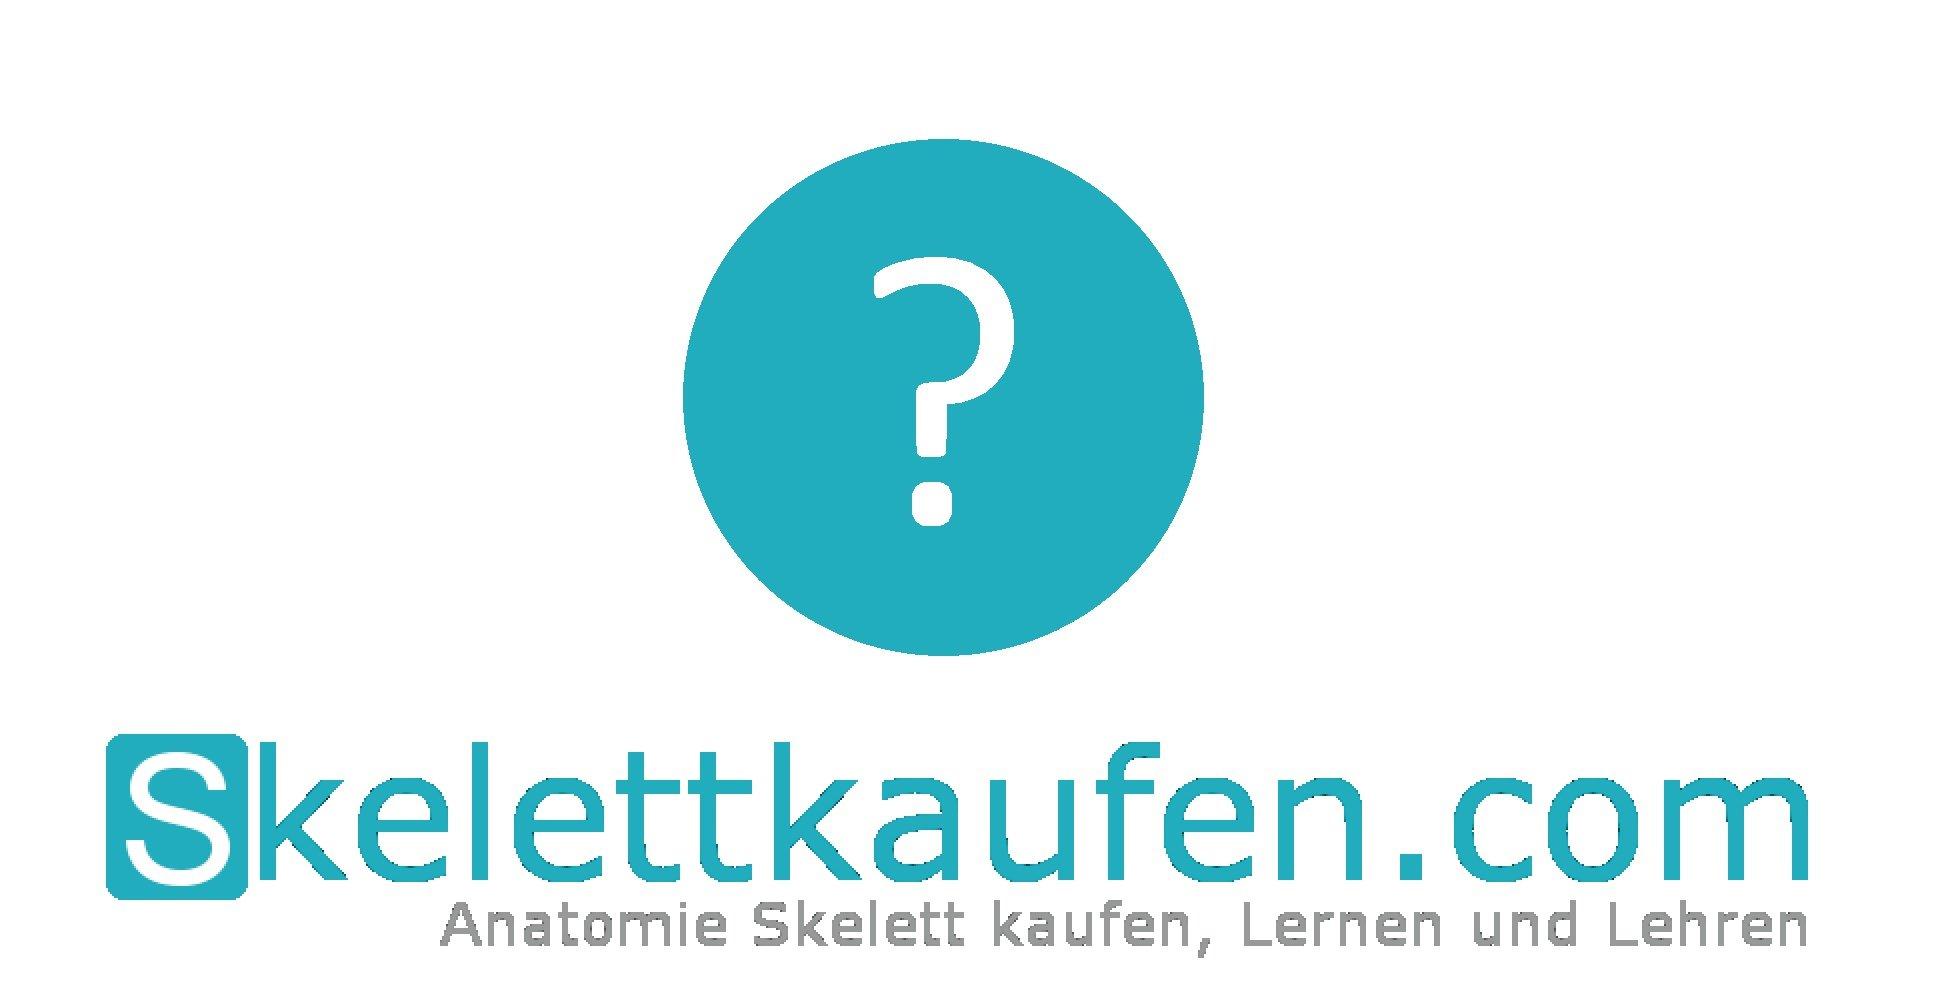 Blog über Skelettmodelle Skelett kaufen Anatomie Lernen menschlicher Knochenbau lernen Tipps für Medizinstudium Anatomie